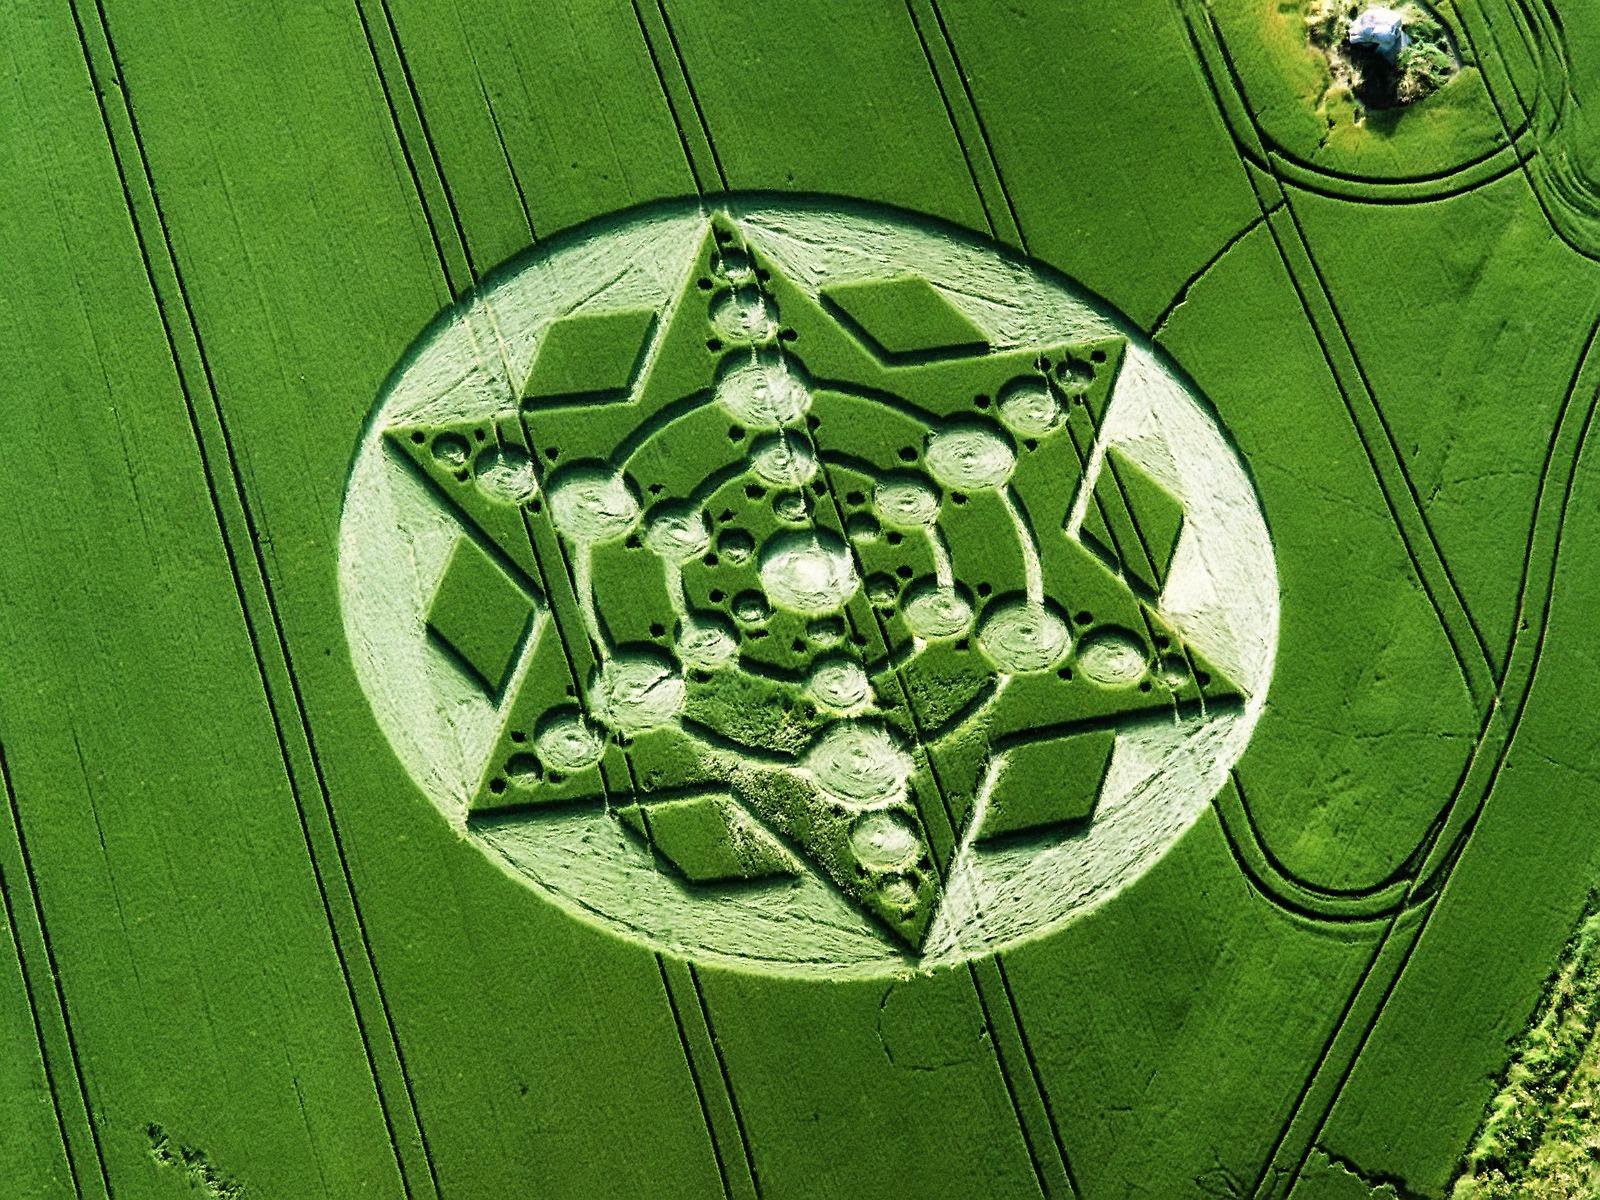 Crop wallpaper download